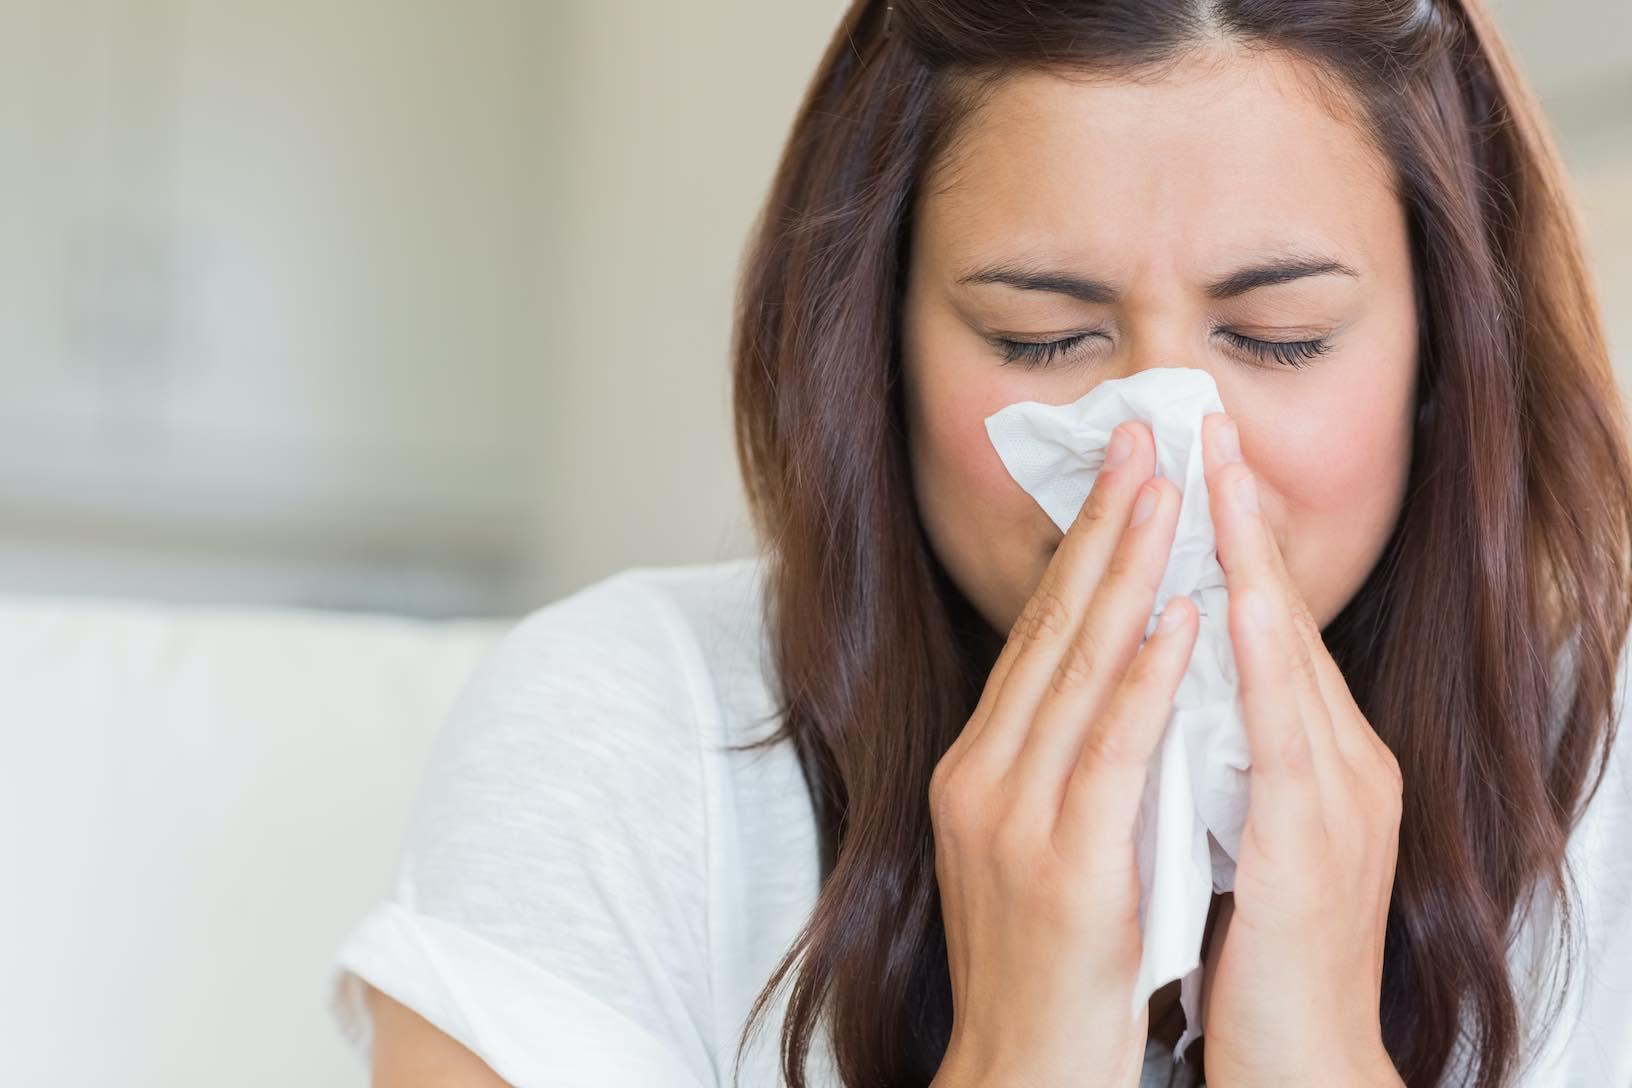 Простой трюк быстро снимет заложенность носа без лекарств :: инфониак